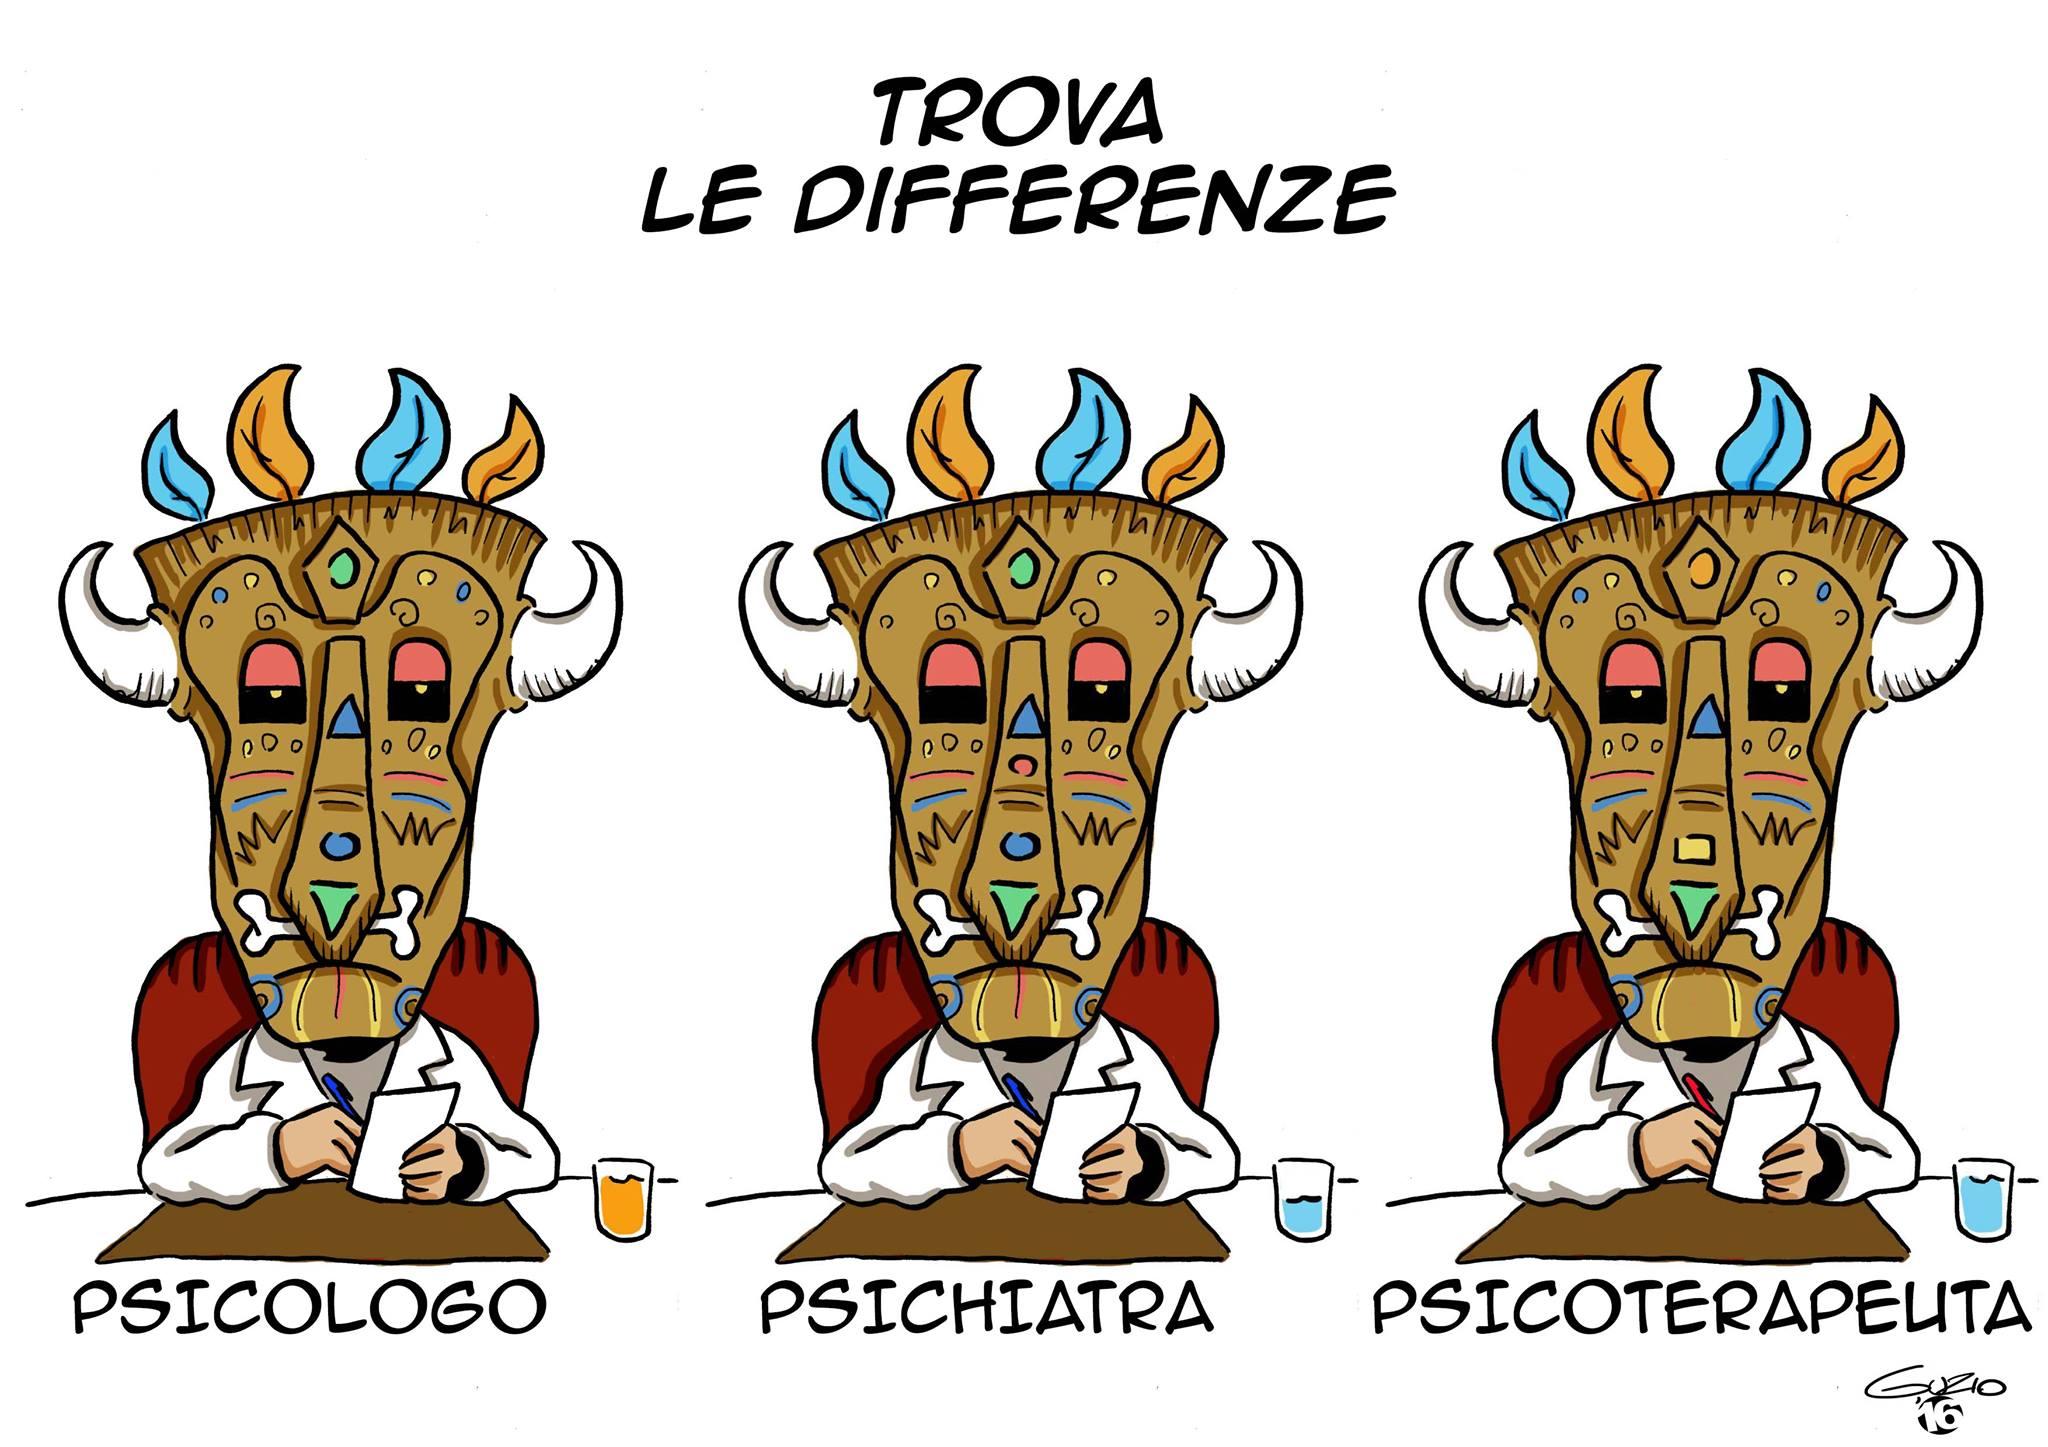 da psicologo a psichiatra